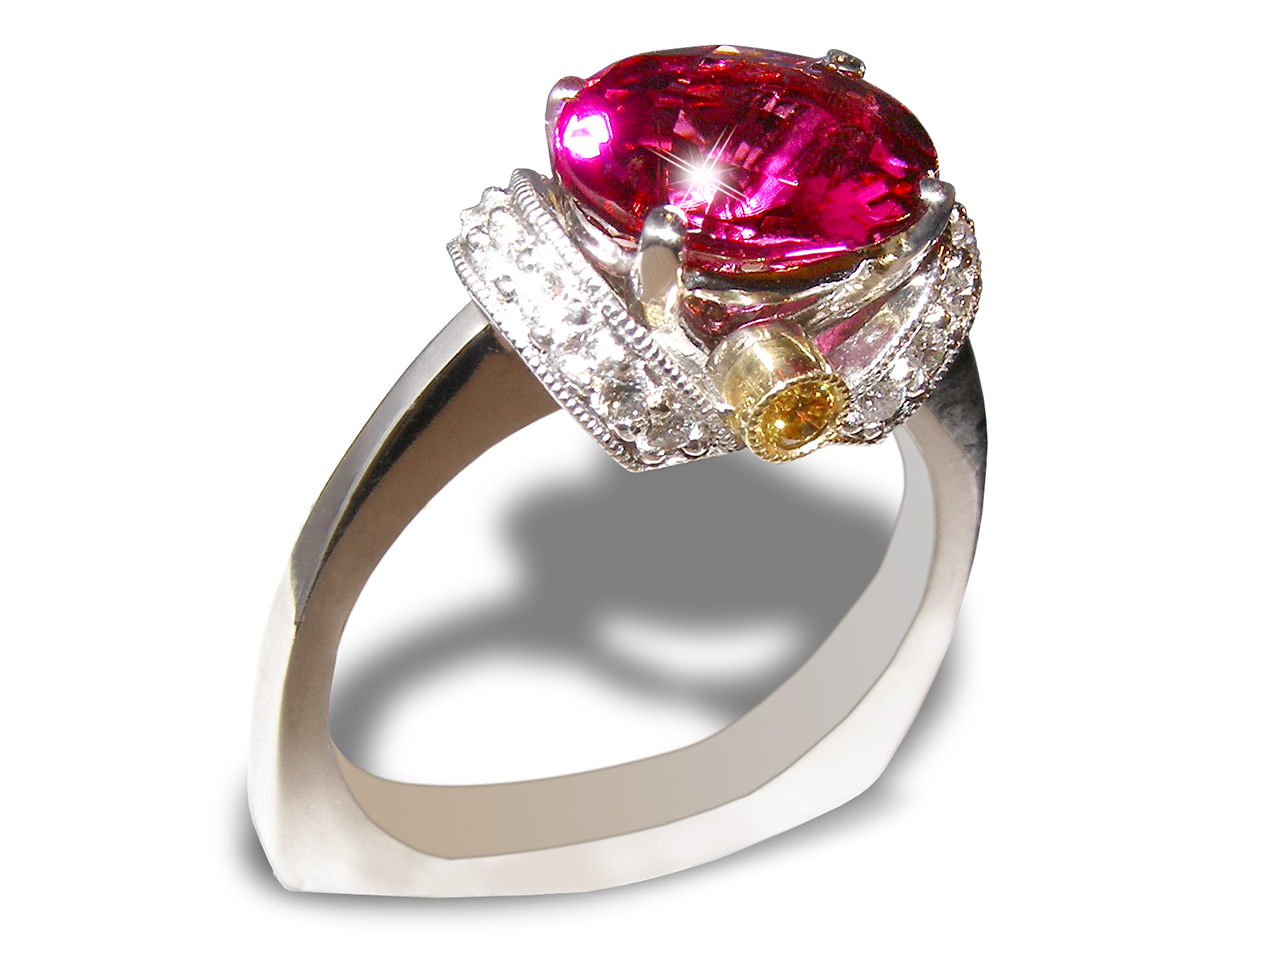 Simon G. Designer Rubellite Yellow & White Diamond Ring 18KWG 3.06 ctw